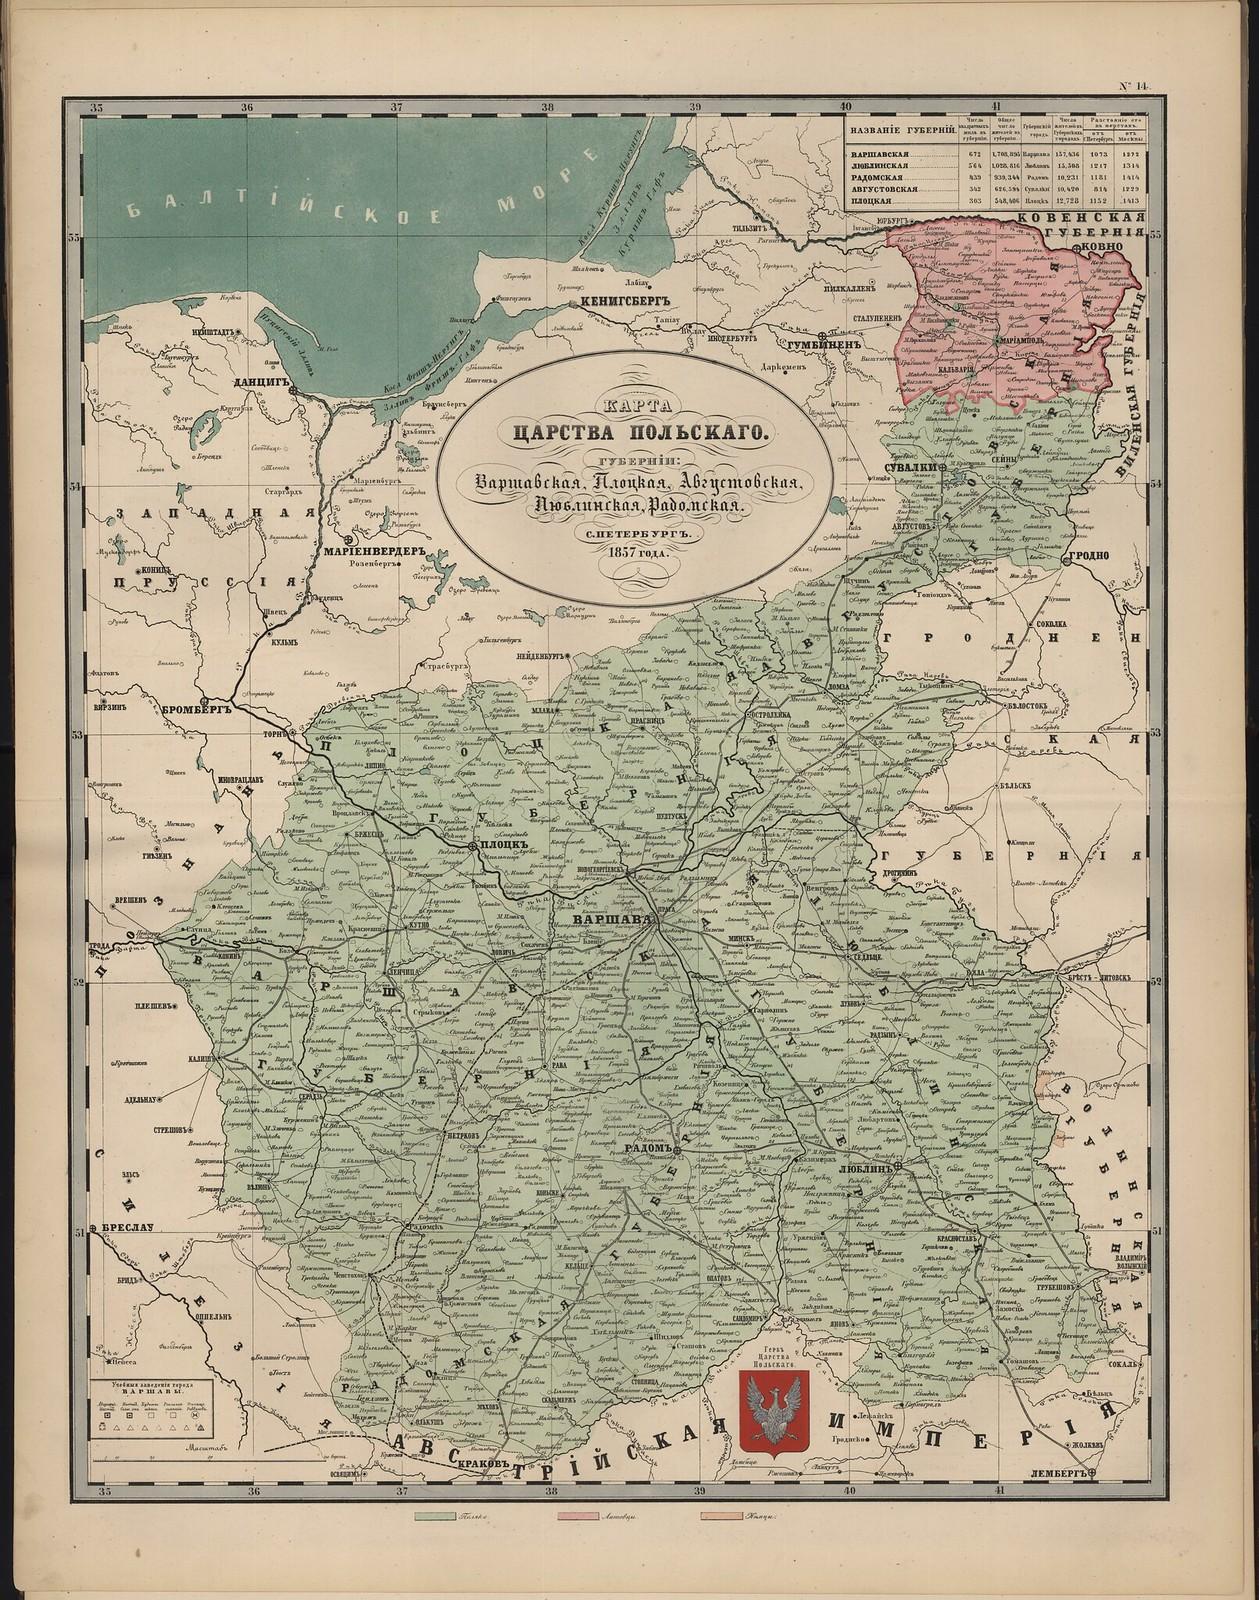 14-а. Карта Царства Польского (этнографическая).